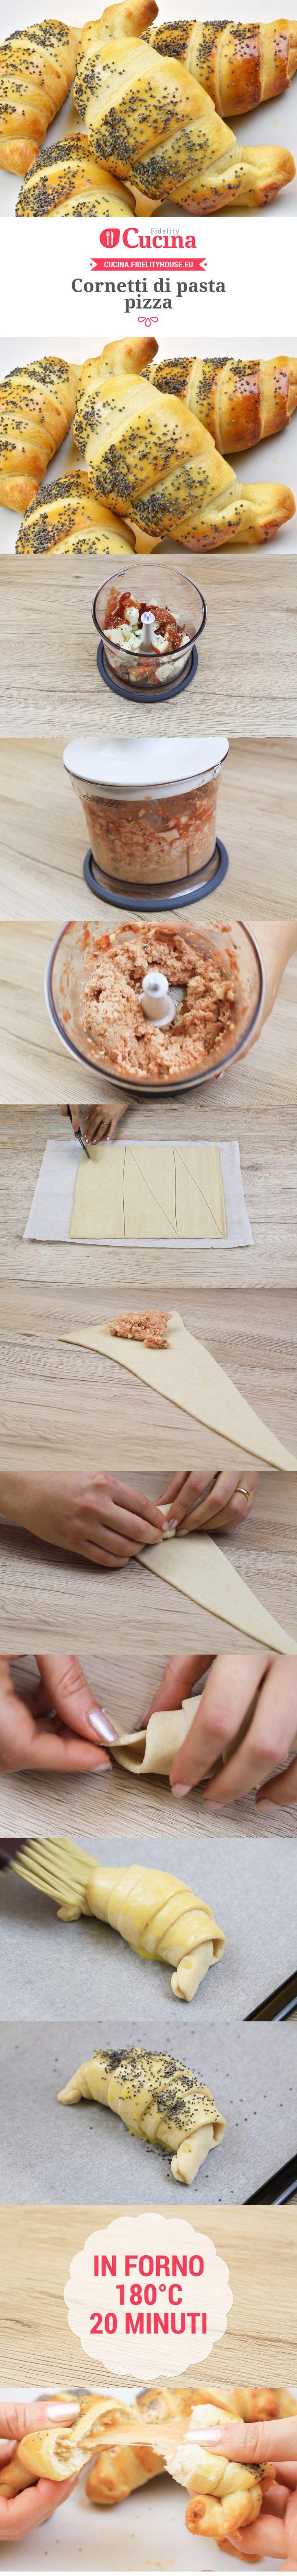 Cornetti di pasta pizza